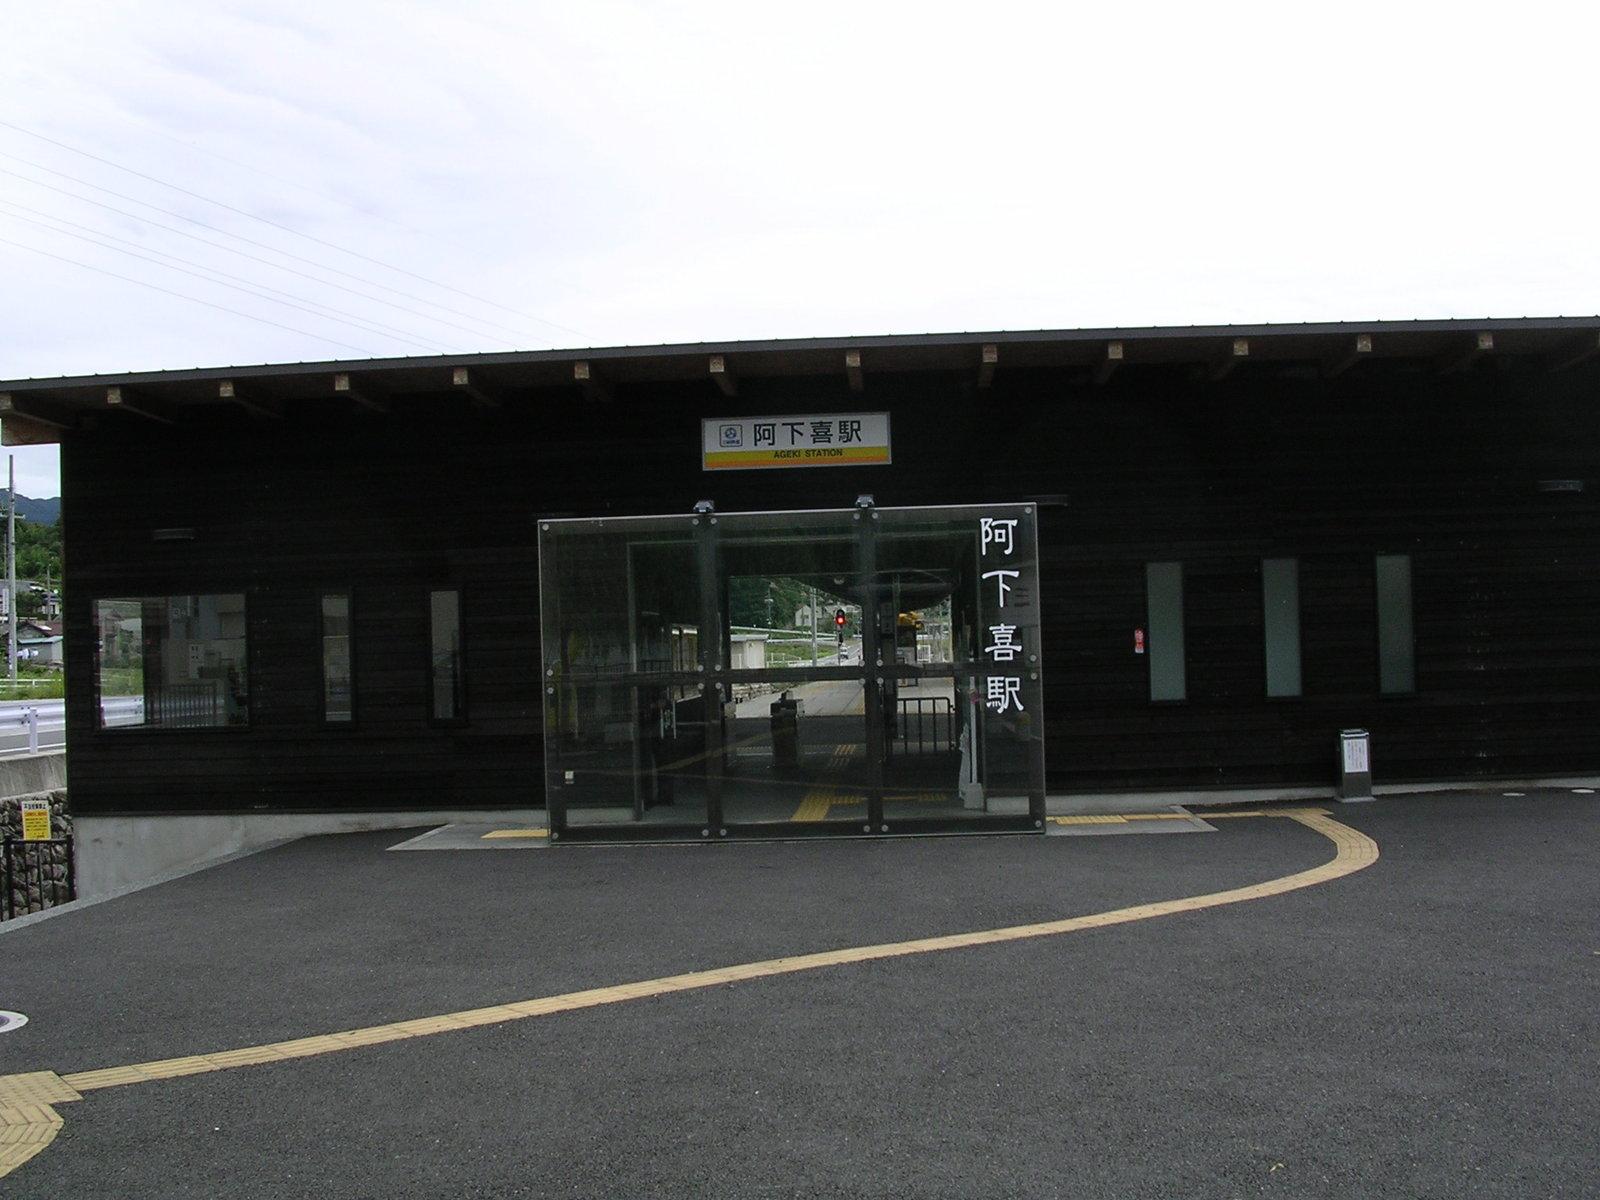 Dscn2881